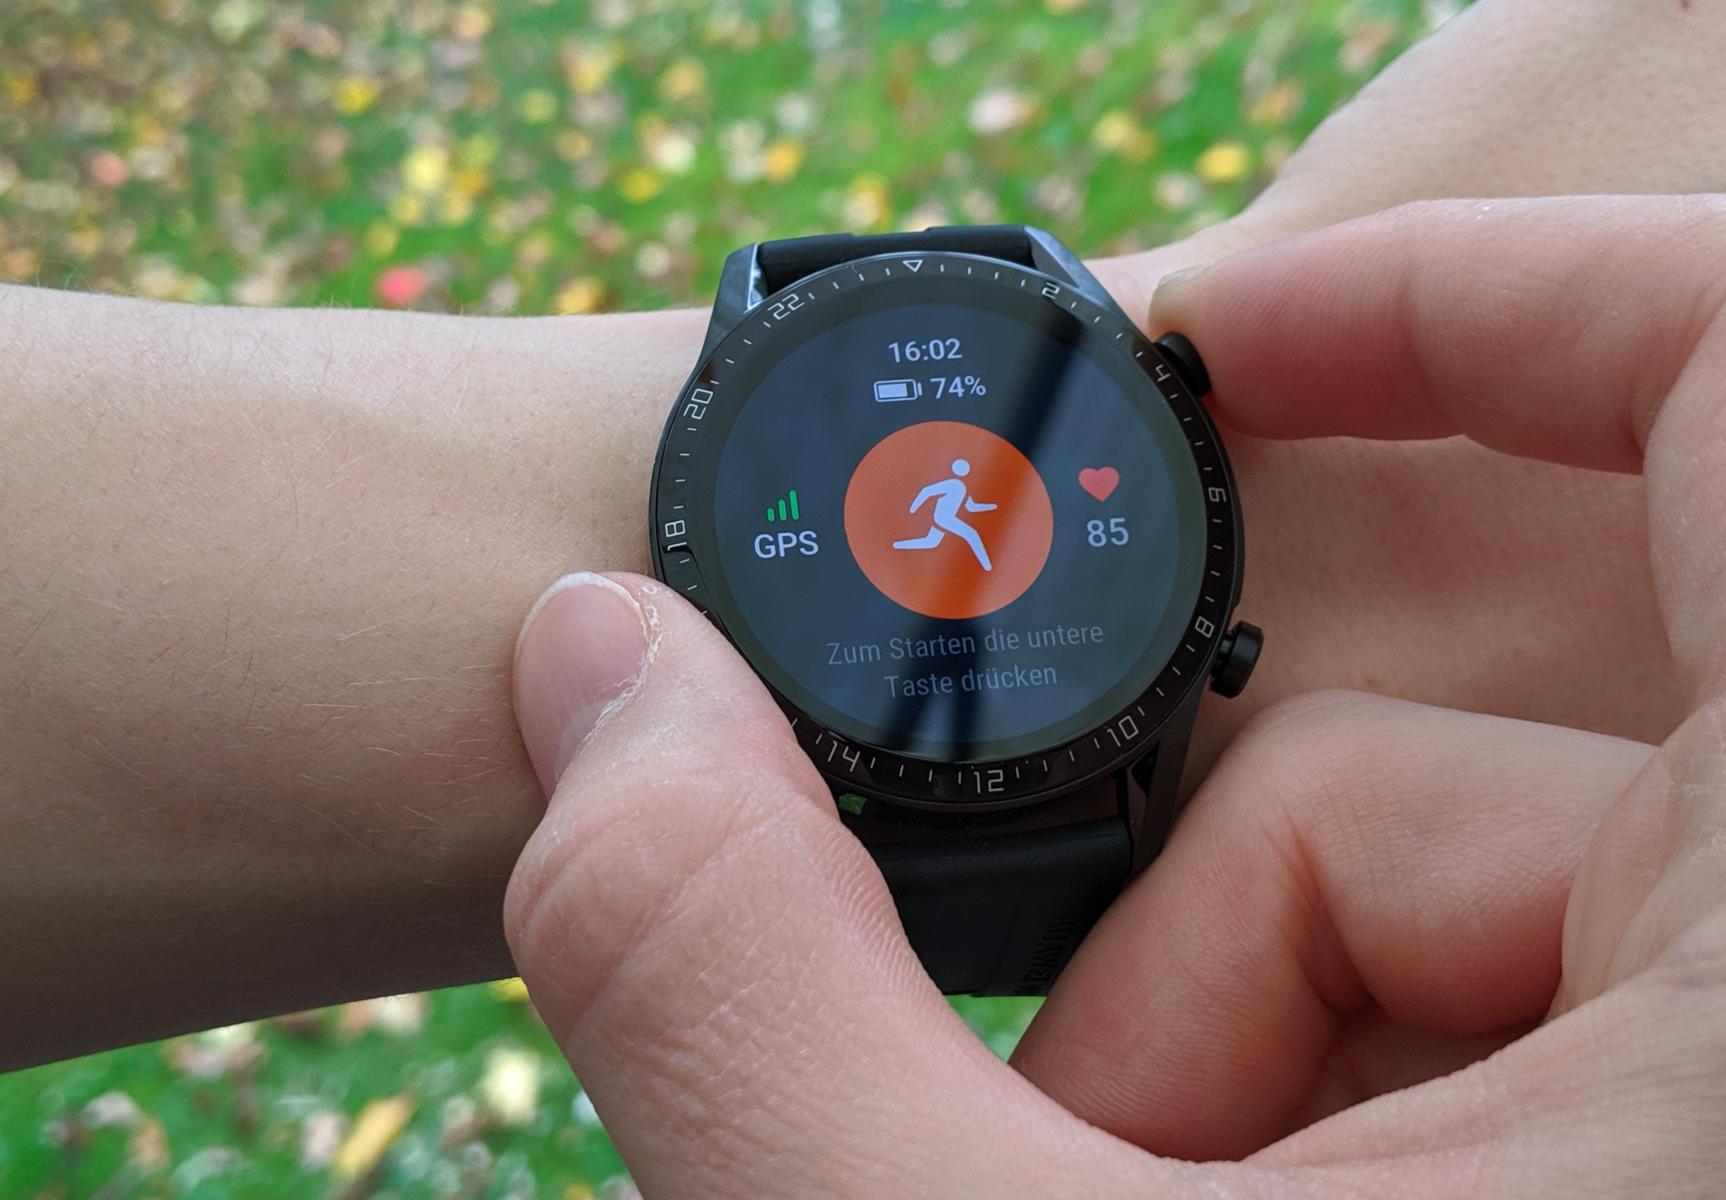 Обзор смарт-часов Huawei Watch GT2 - тренировка со смарт-часами